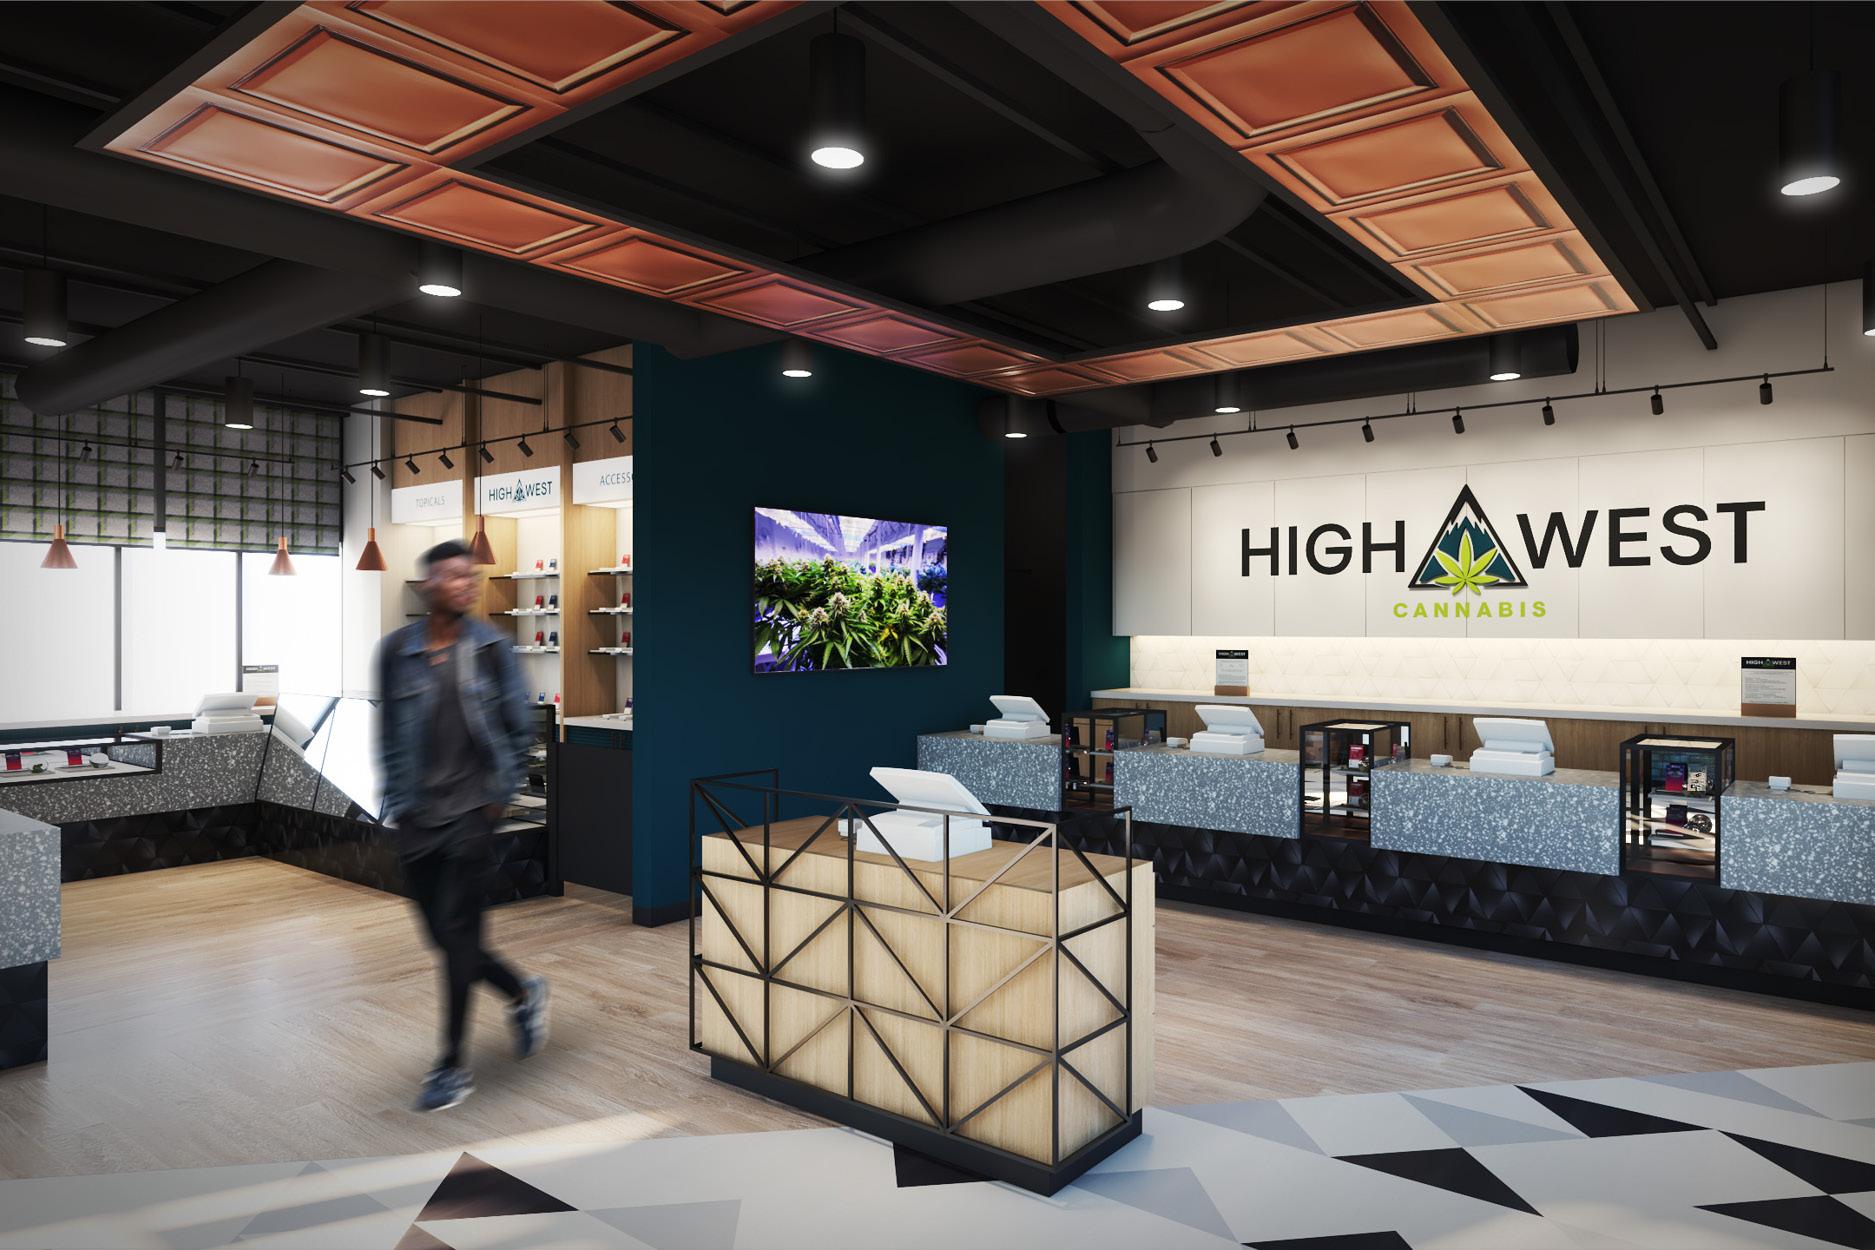 High West - Dispensary Design Portfolio - High Road Design Studio